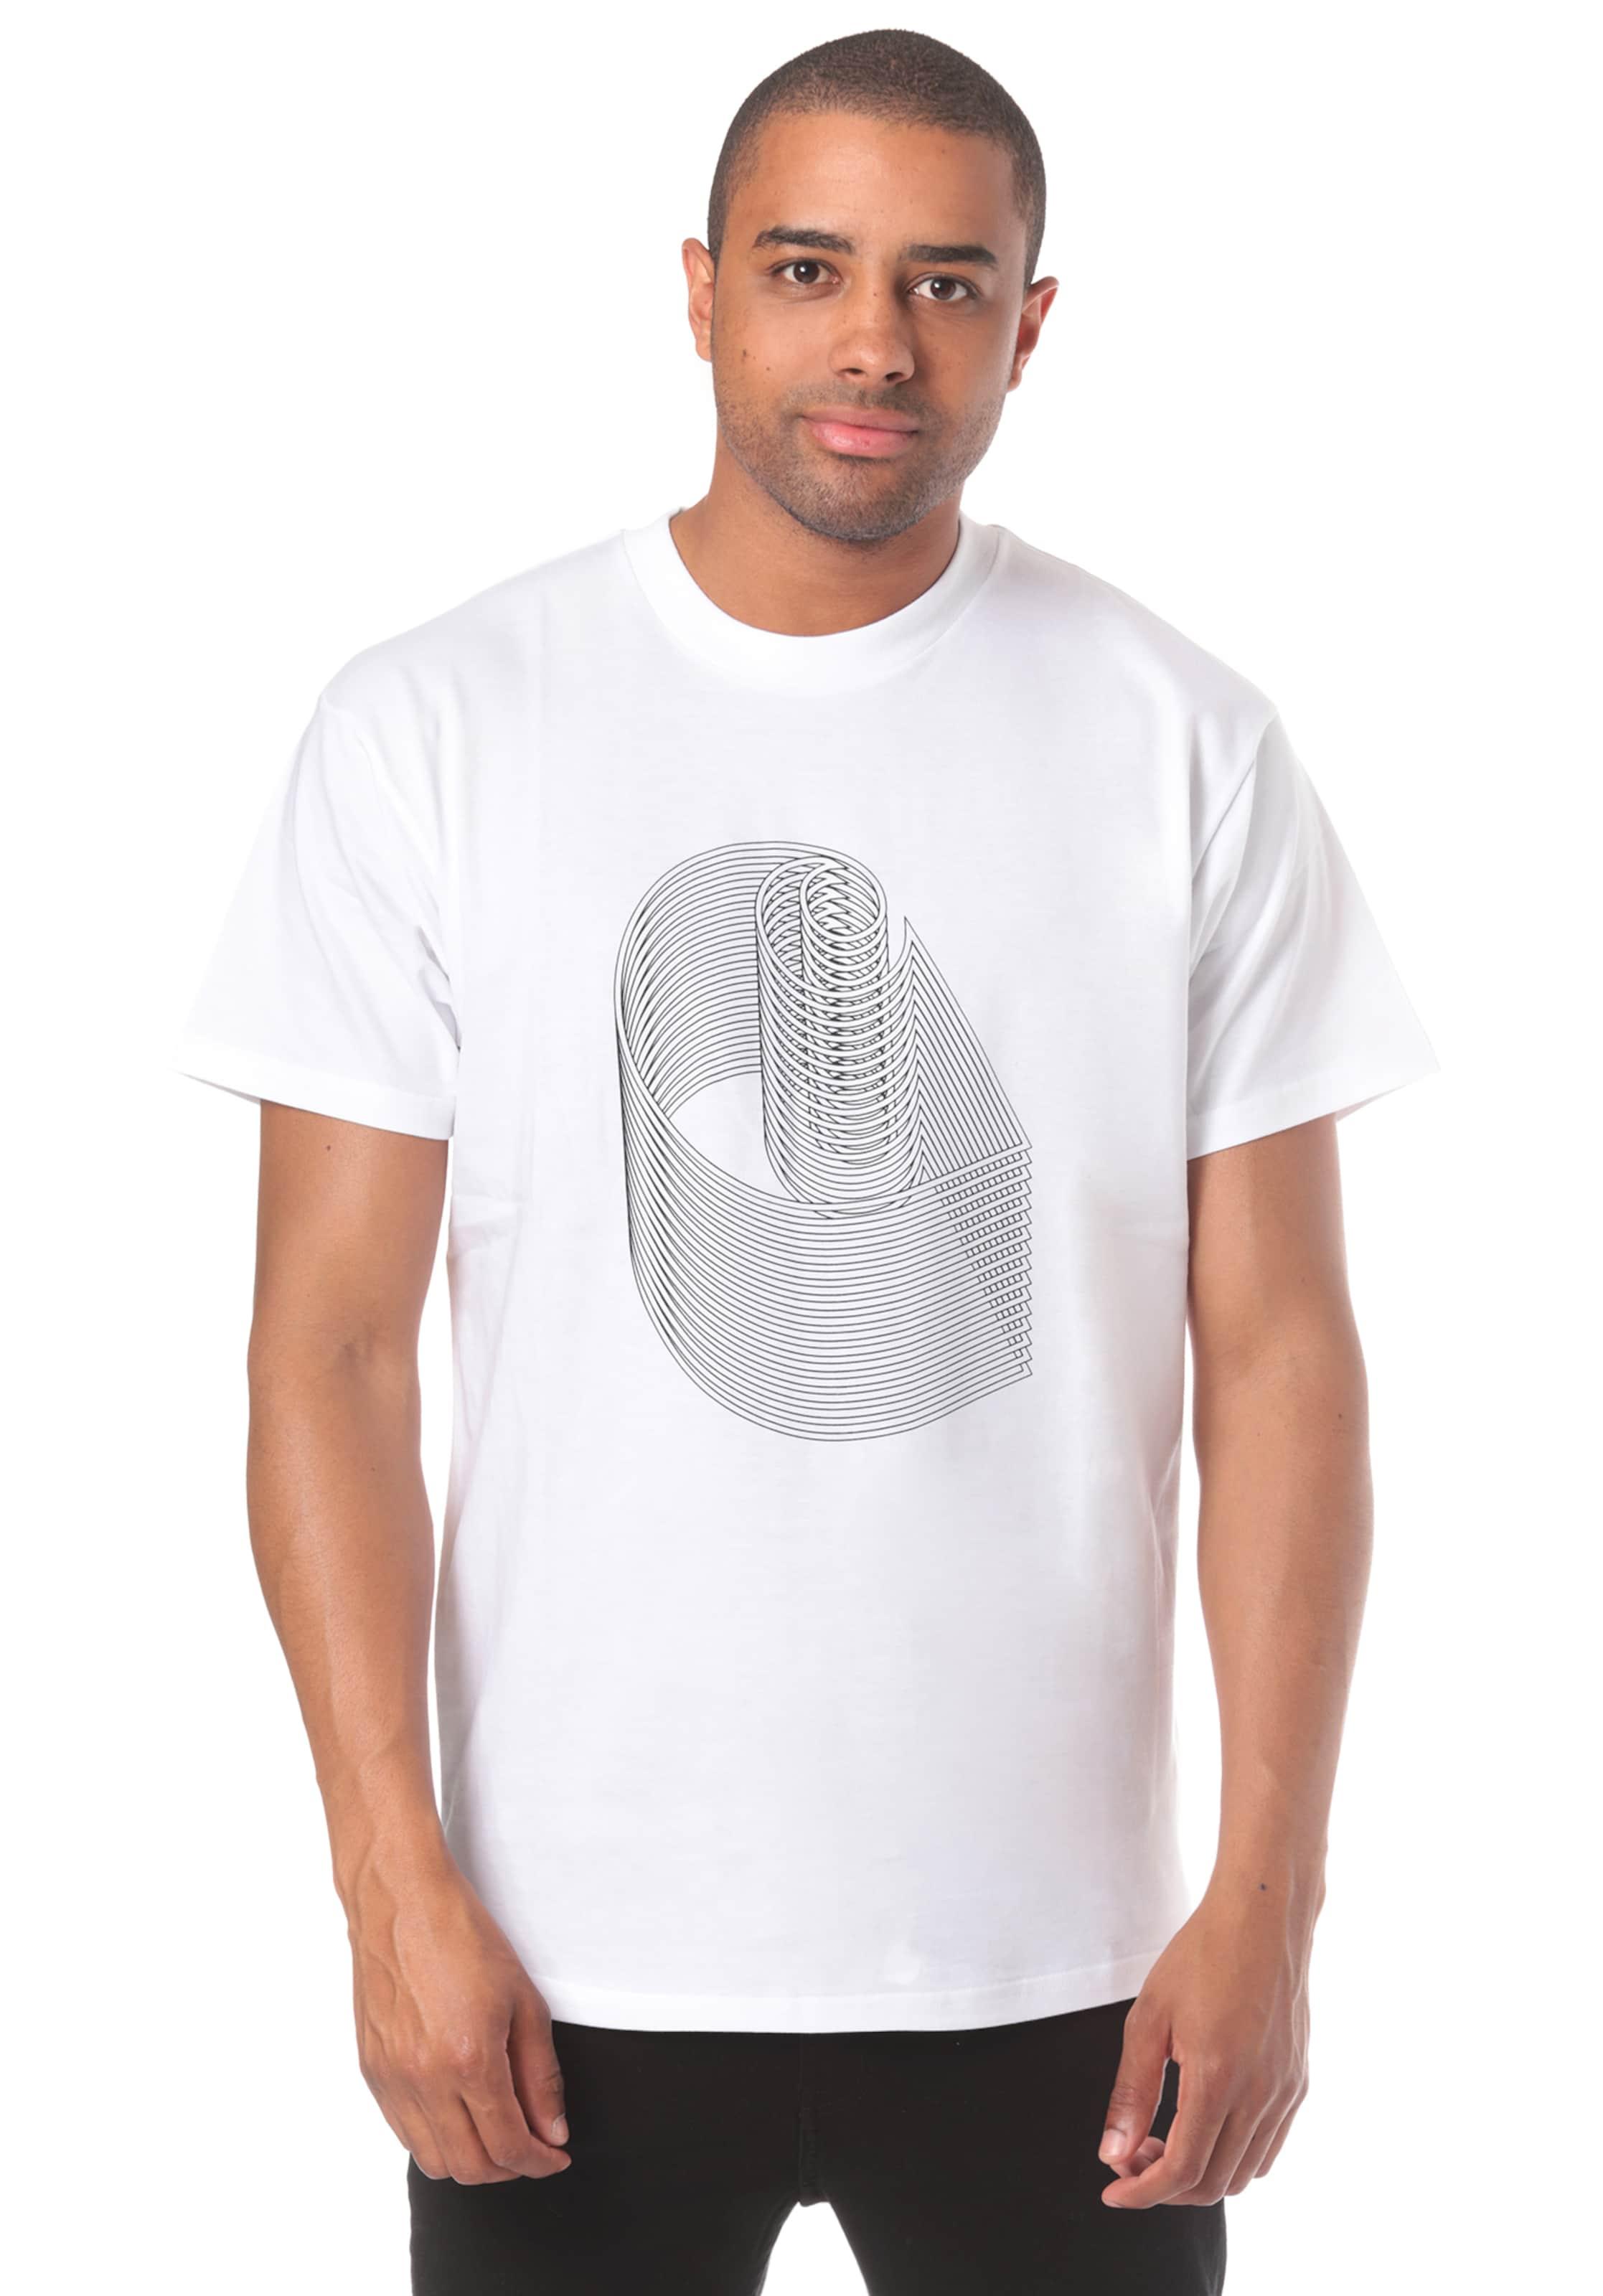 Weiß Carhartt In C shirt T On Wip c3qAjL54R